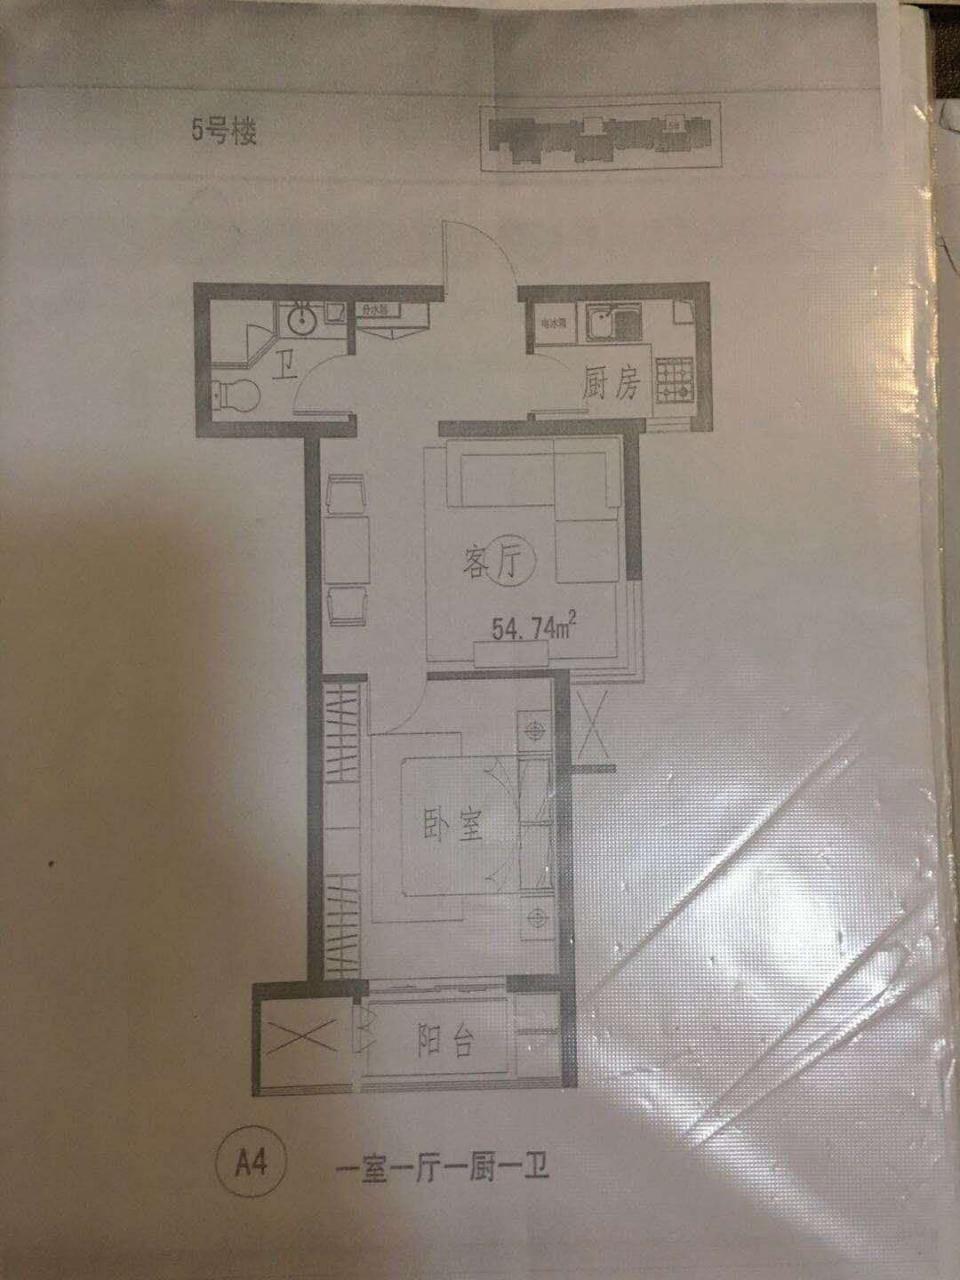 西苑华庭1室 1厅 1卫46.5万元